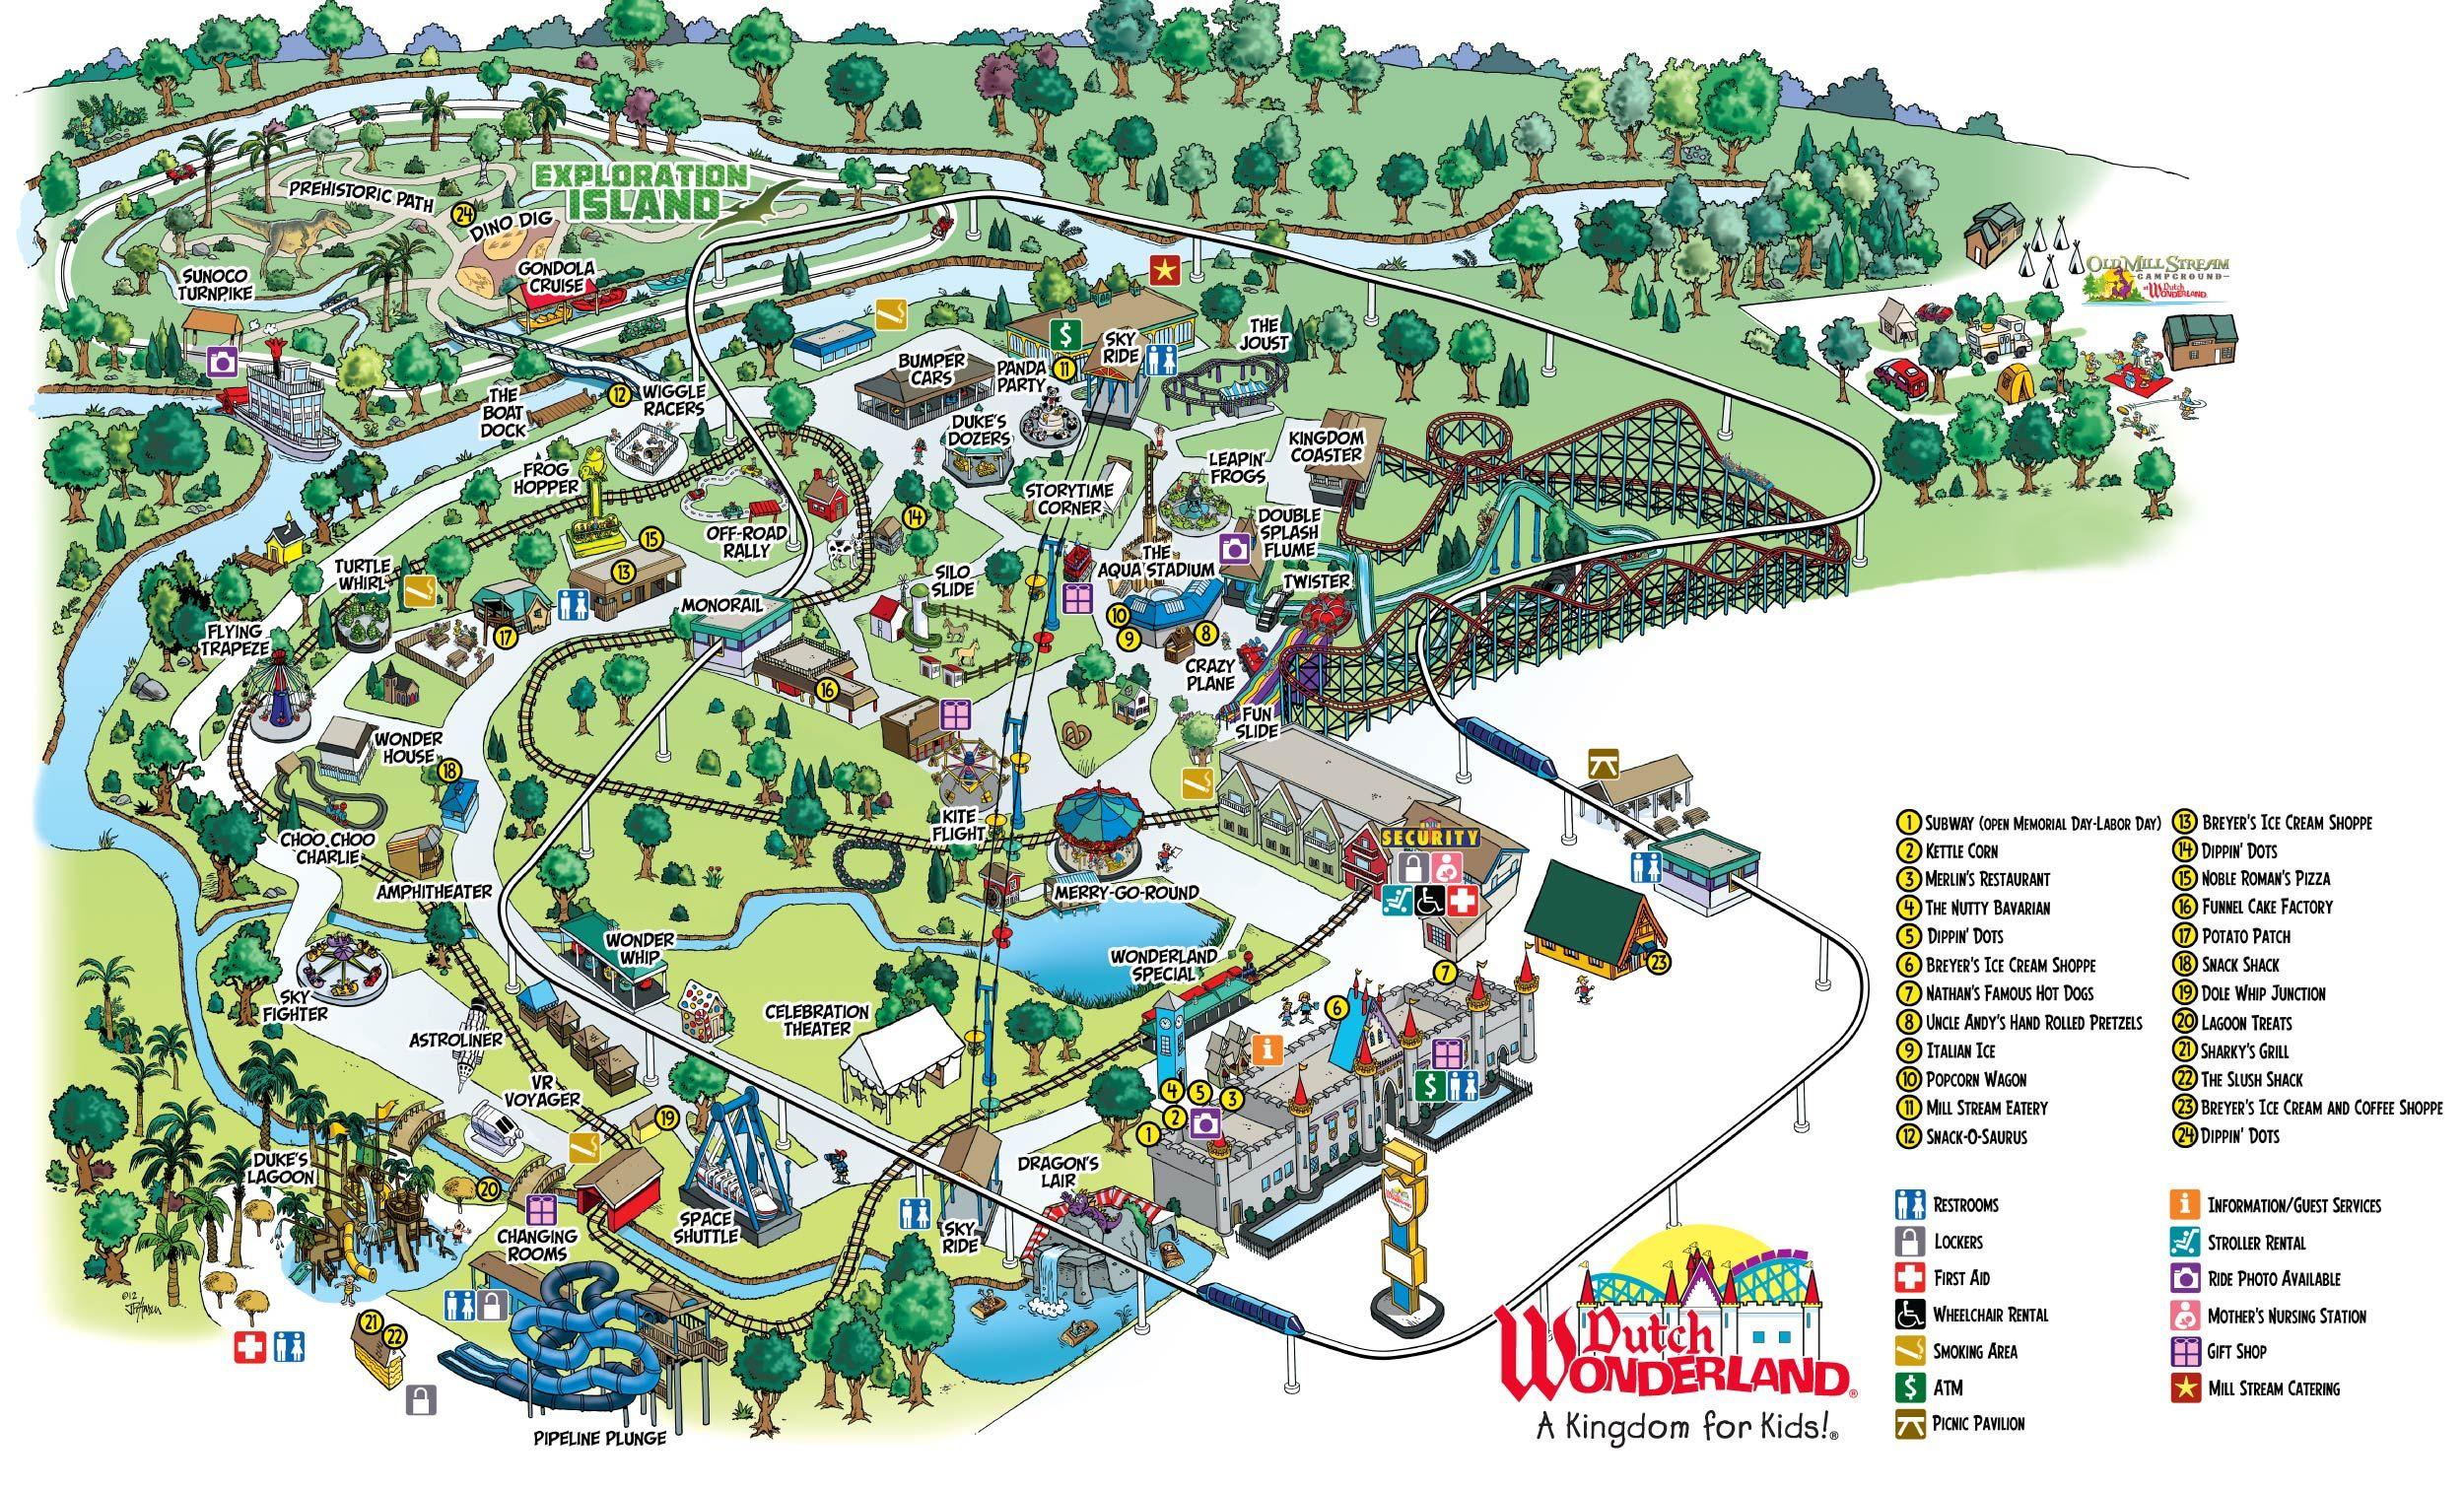 Park Map Of Dutch Wonderland Amusement Park In Lancaster